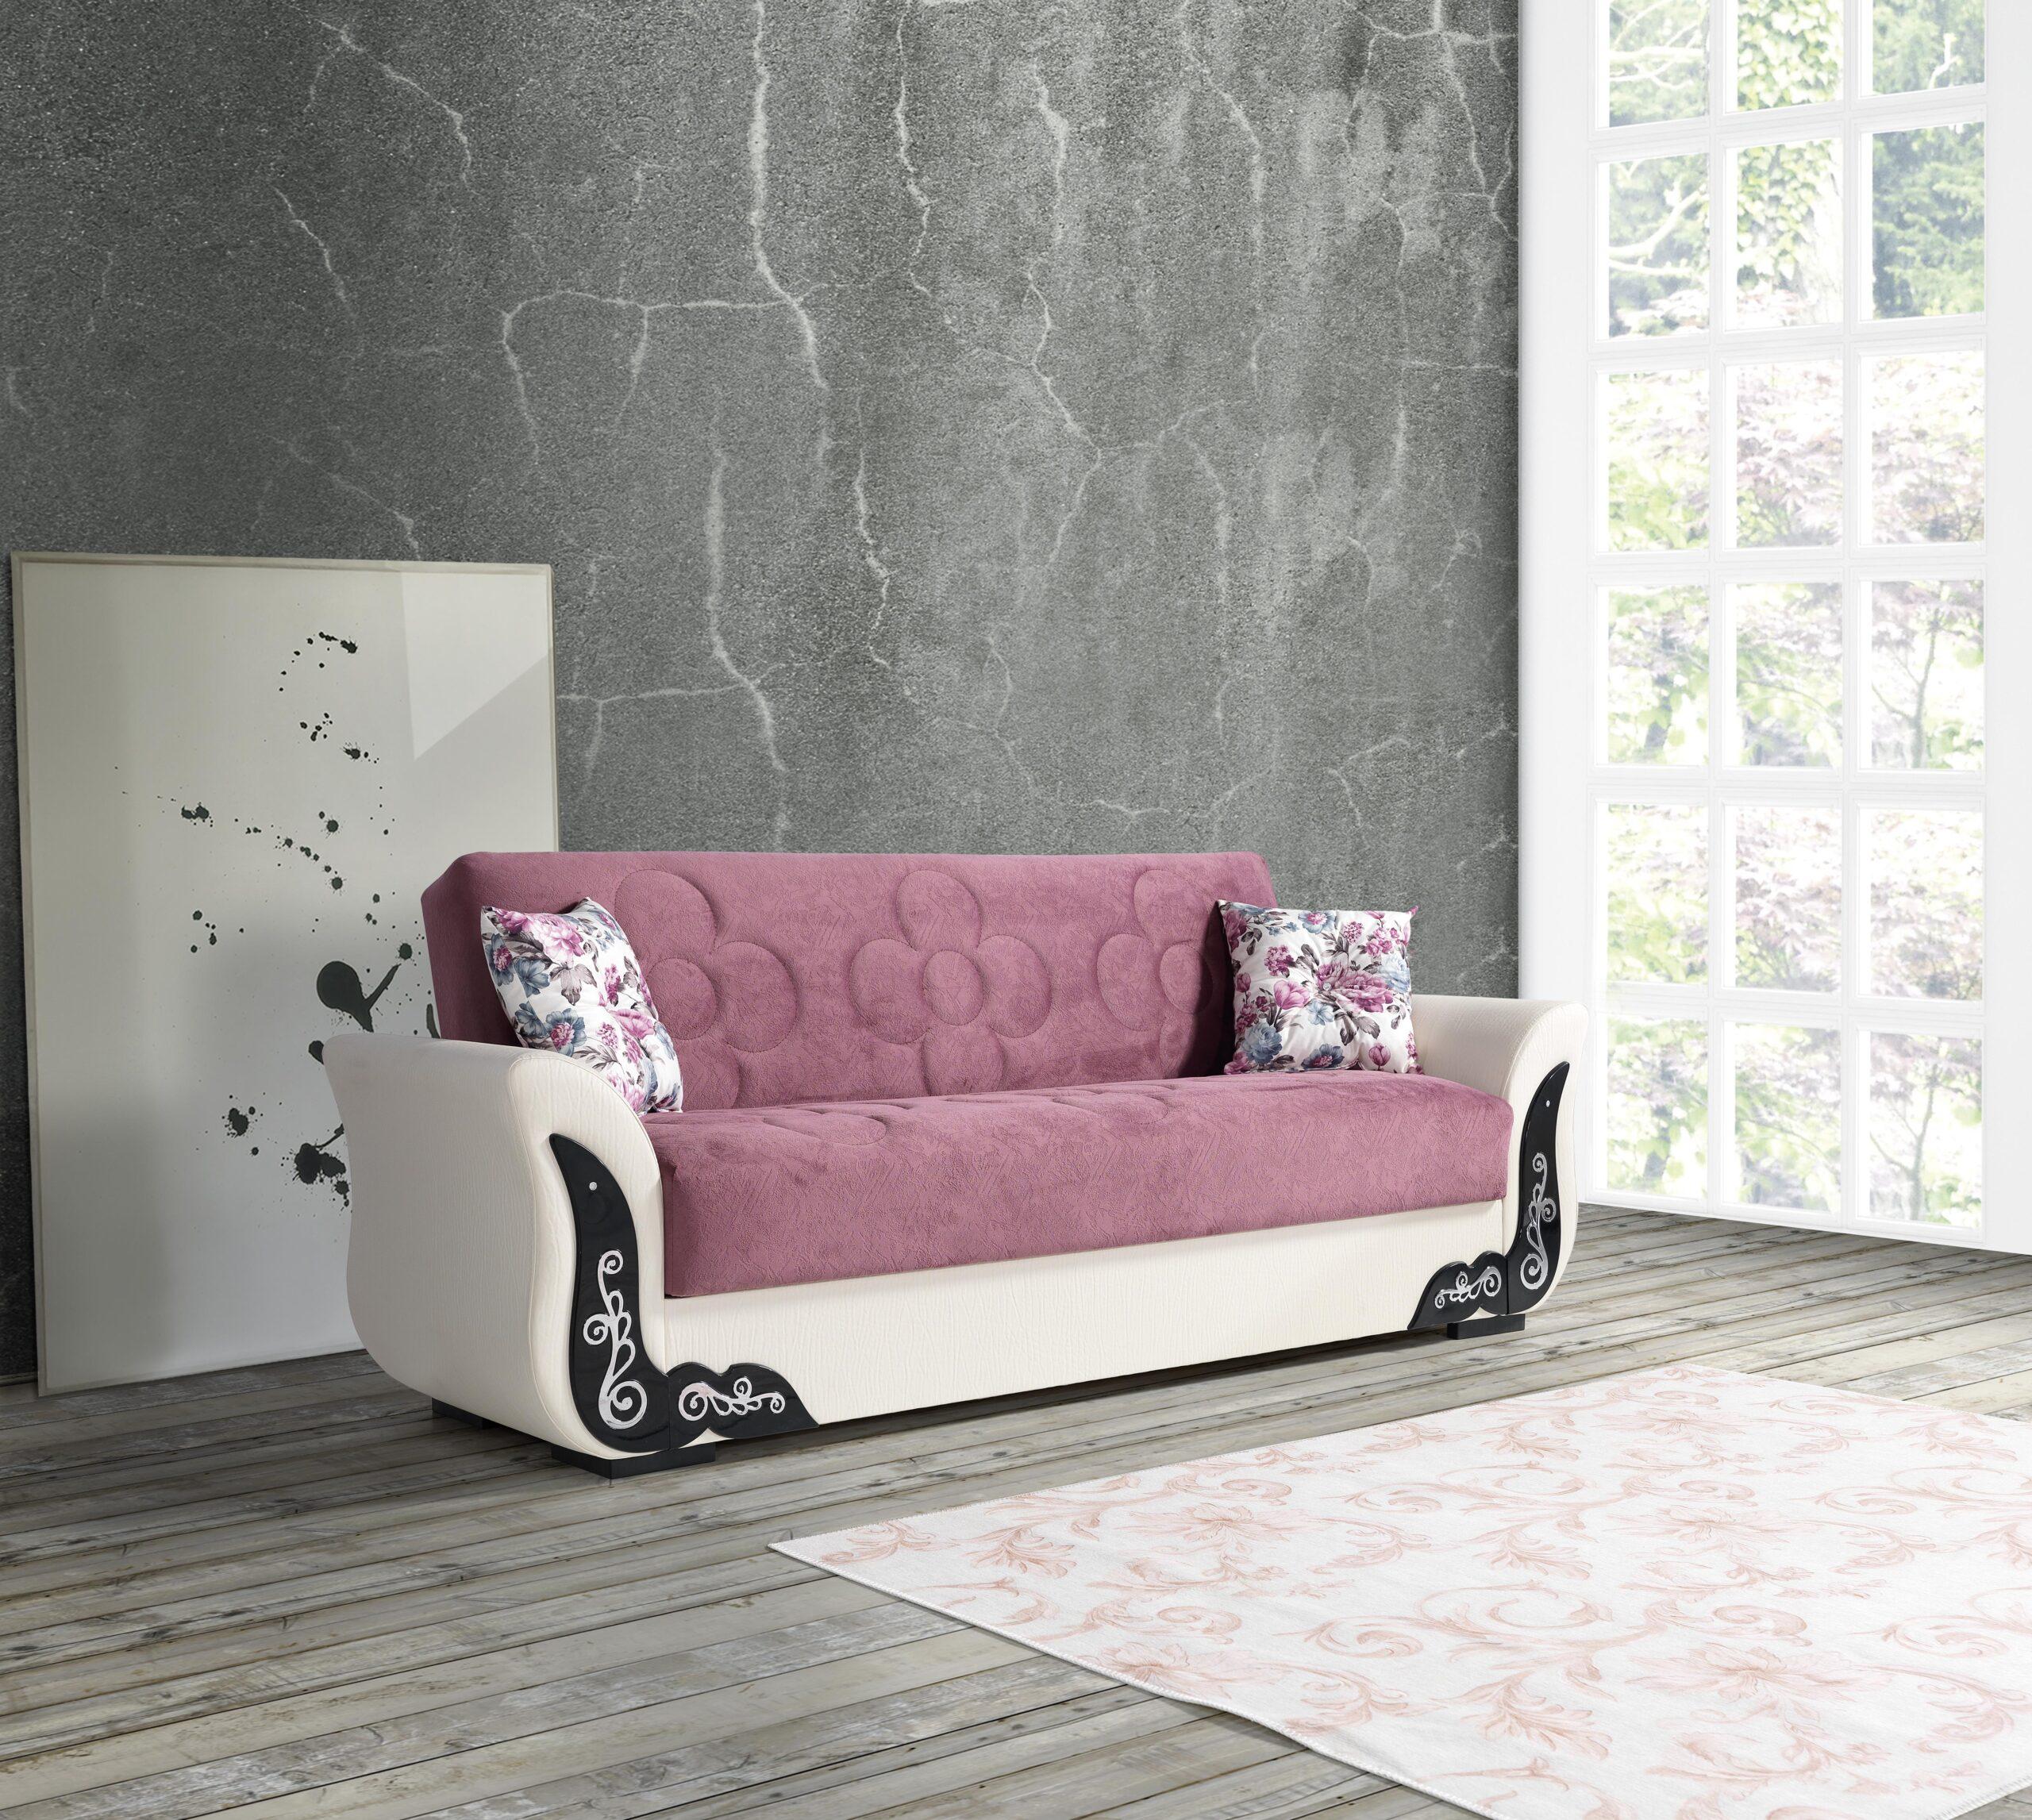 Full Size of Sofa 3 2 1 Sitzer Couchgarnitur 3 2 1 Sitzer Chesterfield Big Emma Samt Emma Superior Gnstige Couch Teilig Bett 180x200 Mit Lattenrost Und Matratze Bettkasten Sofa Sofa 3 2 1 Sitzer